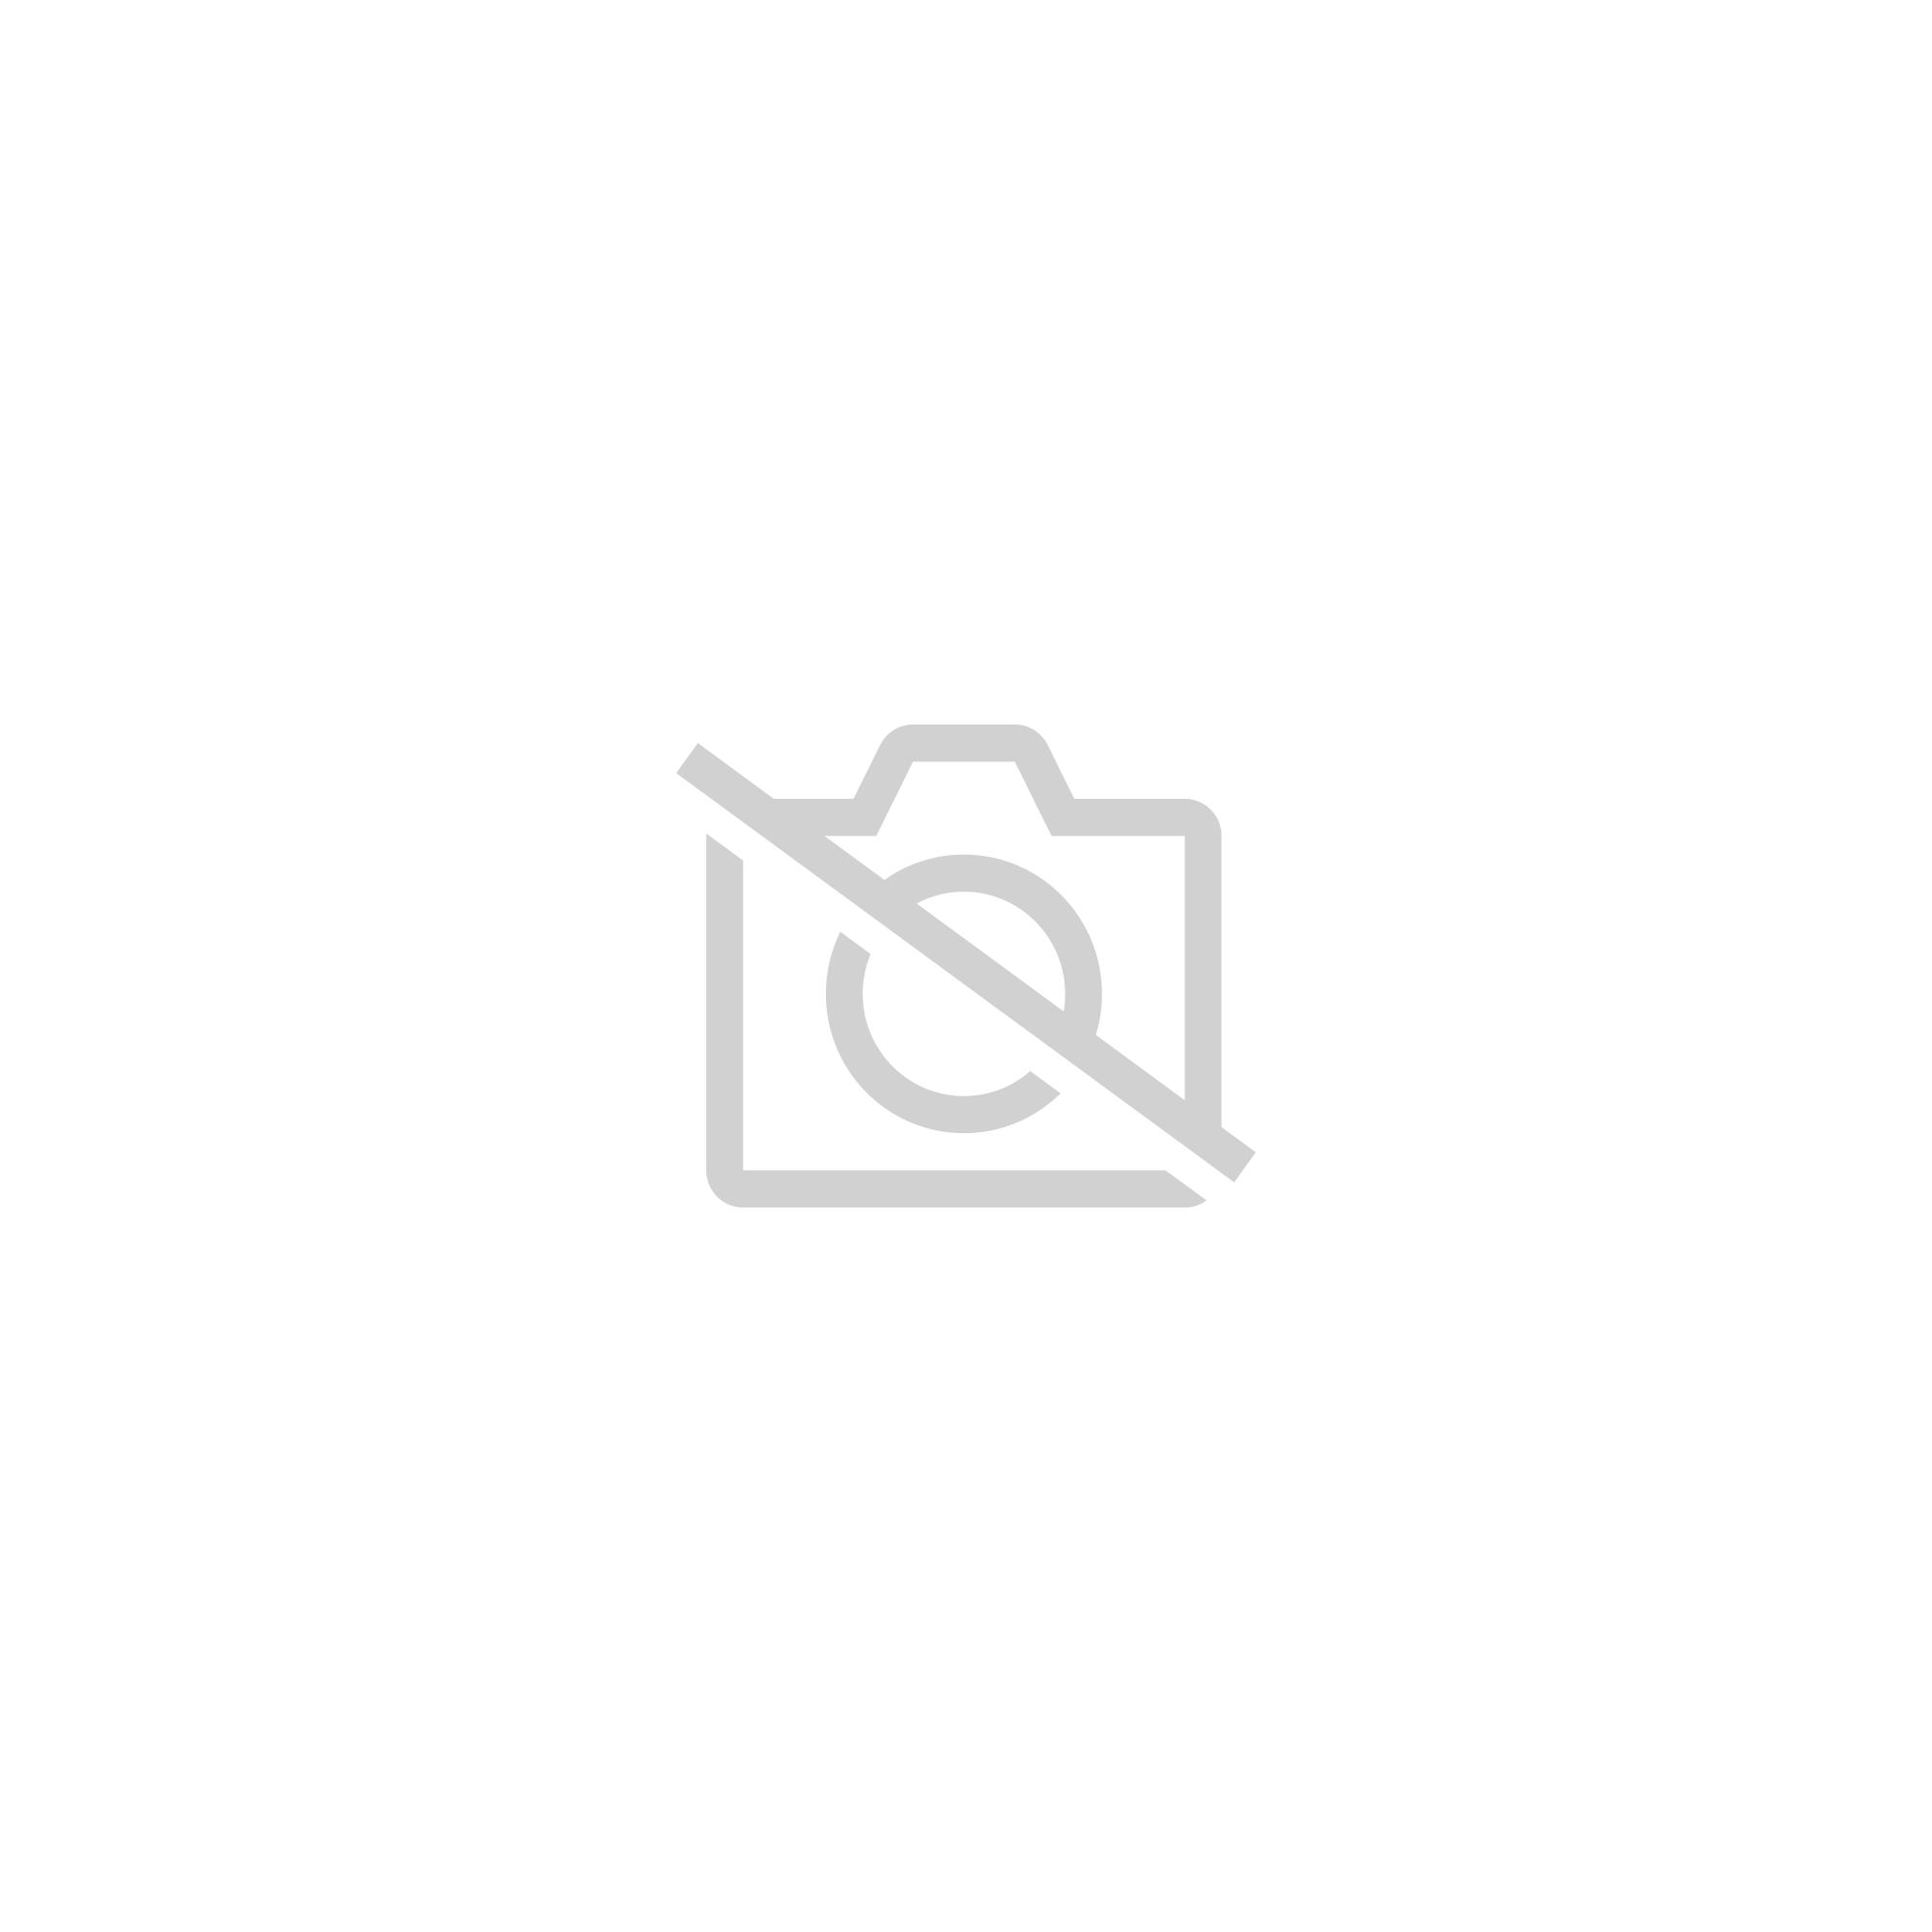 LISTE DES COMPTES DU PLAN COMPTABLE HOSPITALIER AVEC LEUR REPARTITION PAR GROUPES FONCTIONNELS - Ecole des Hautes Etudes en Santé Publique - 01/03/1998